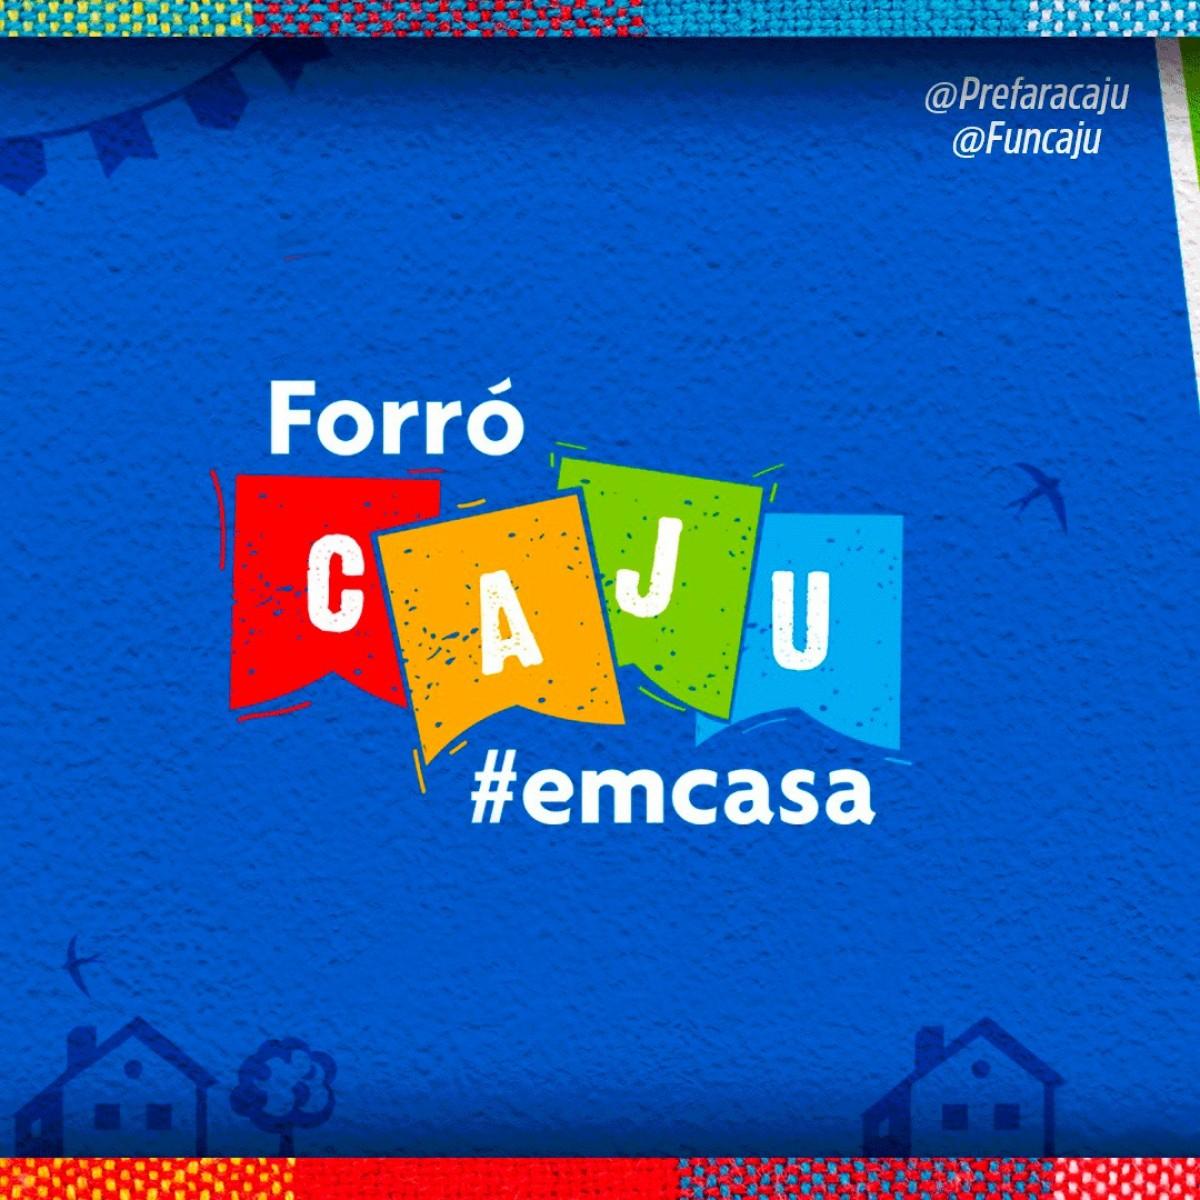 Prefeitura de Aracaju divulga programação completa do Forró Caju em Casa (Arte: Prefeitura de Aracaju)